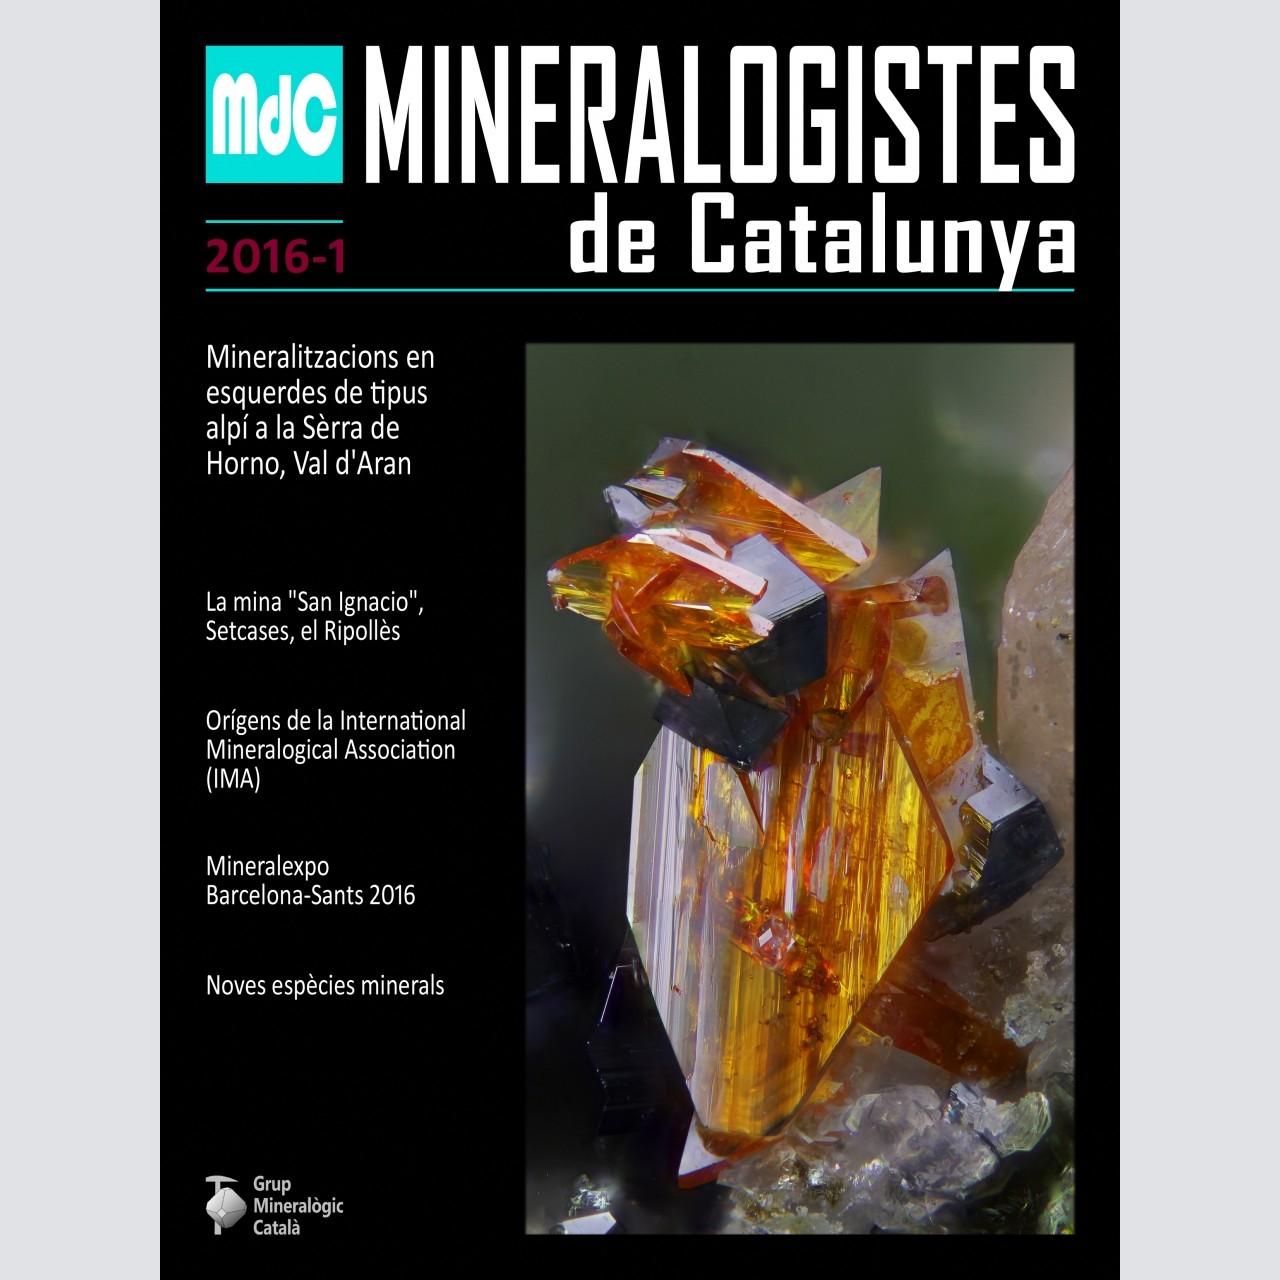 Mineralogistes de Catalunya (2016-1)